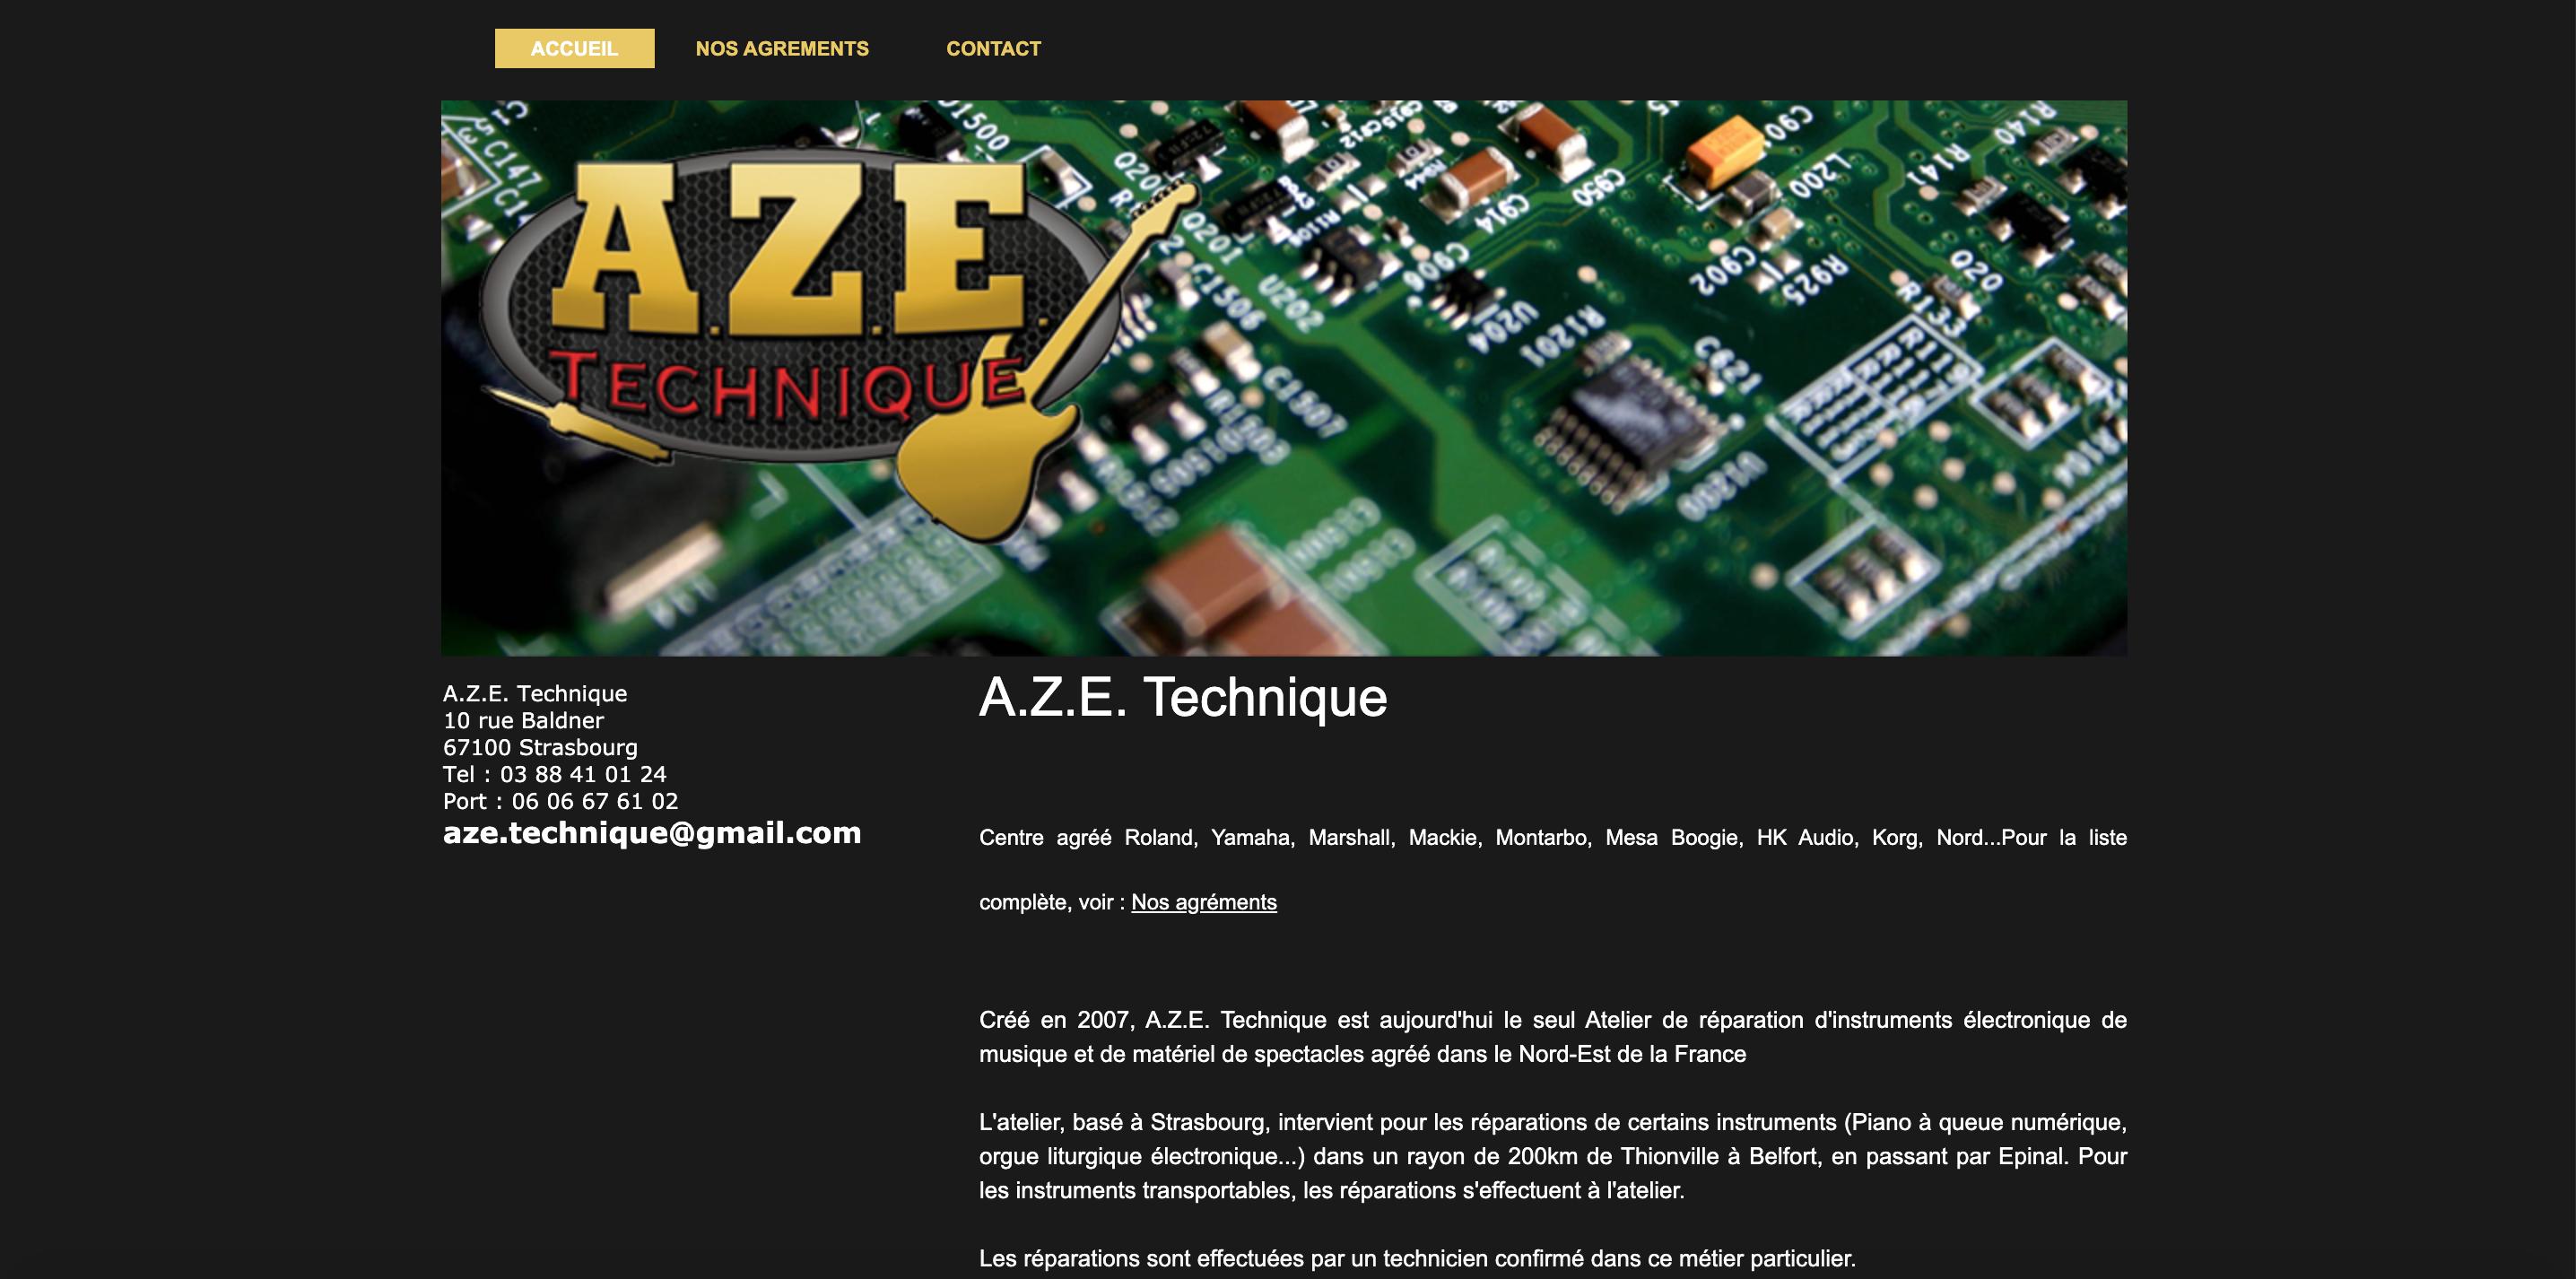 AZE Technique réparateur de synthétiseurs